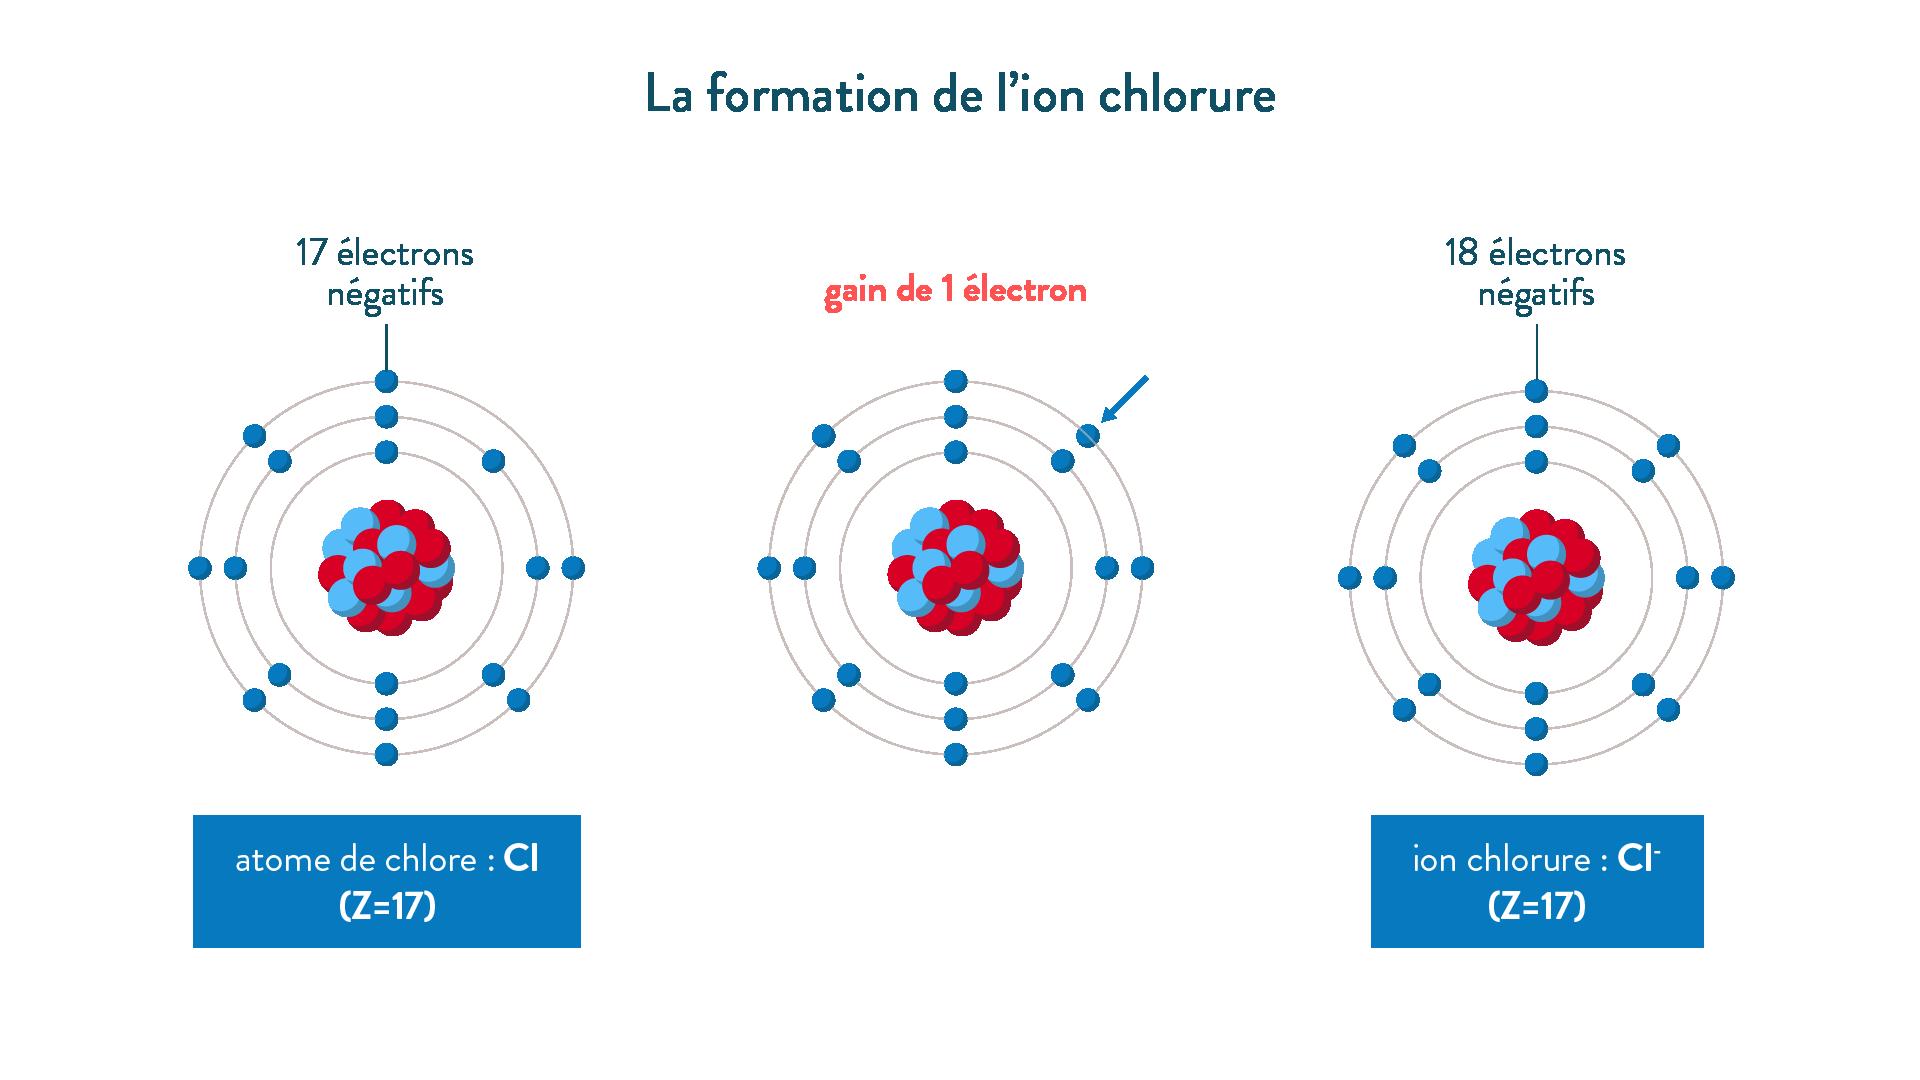 La formation de l'ion chlorure